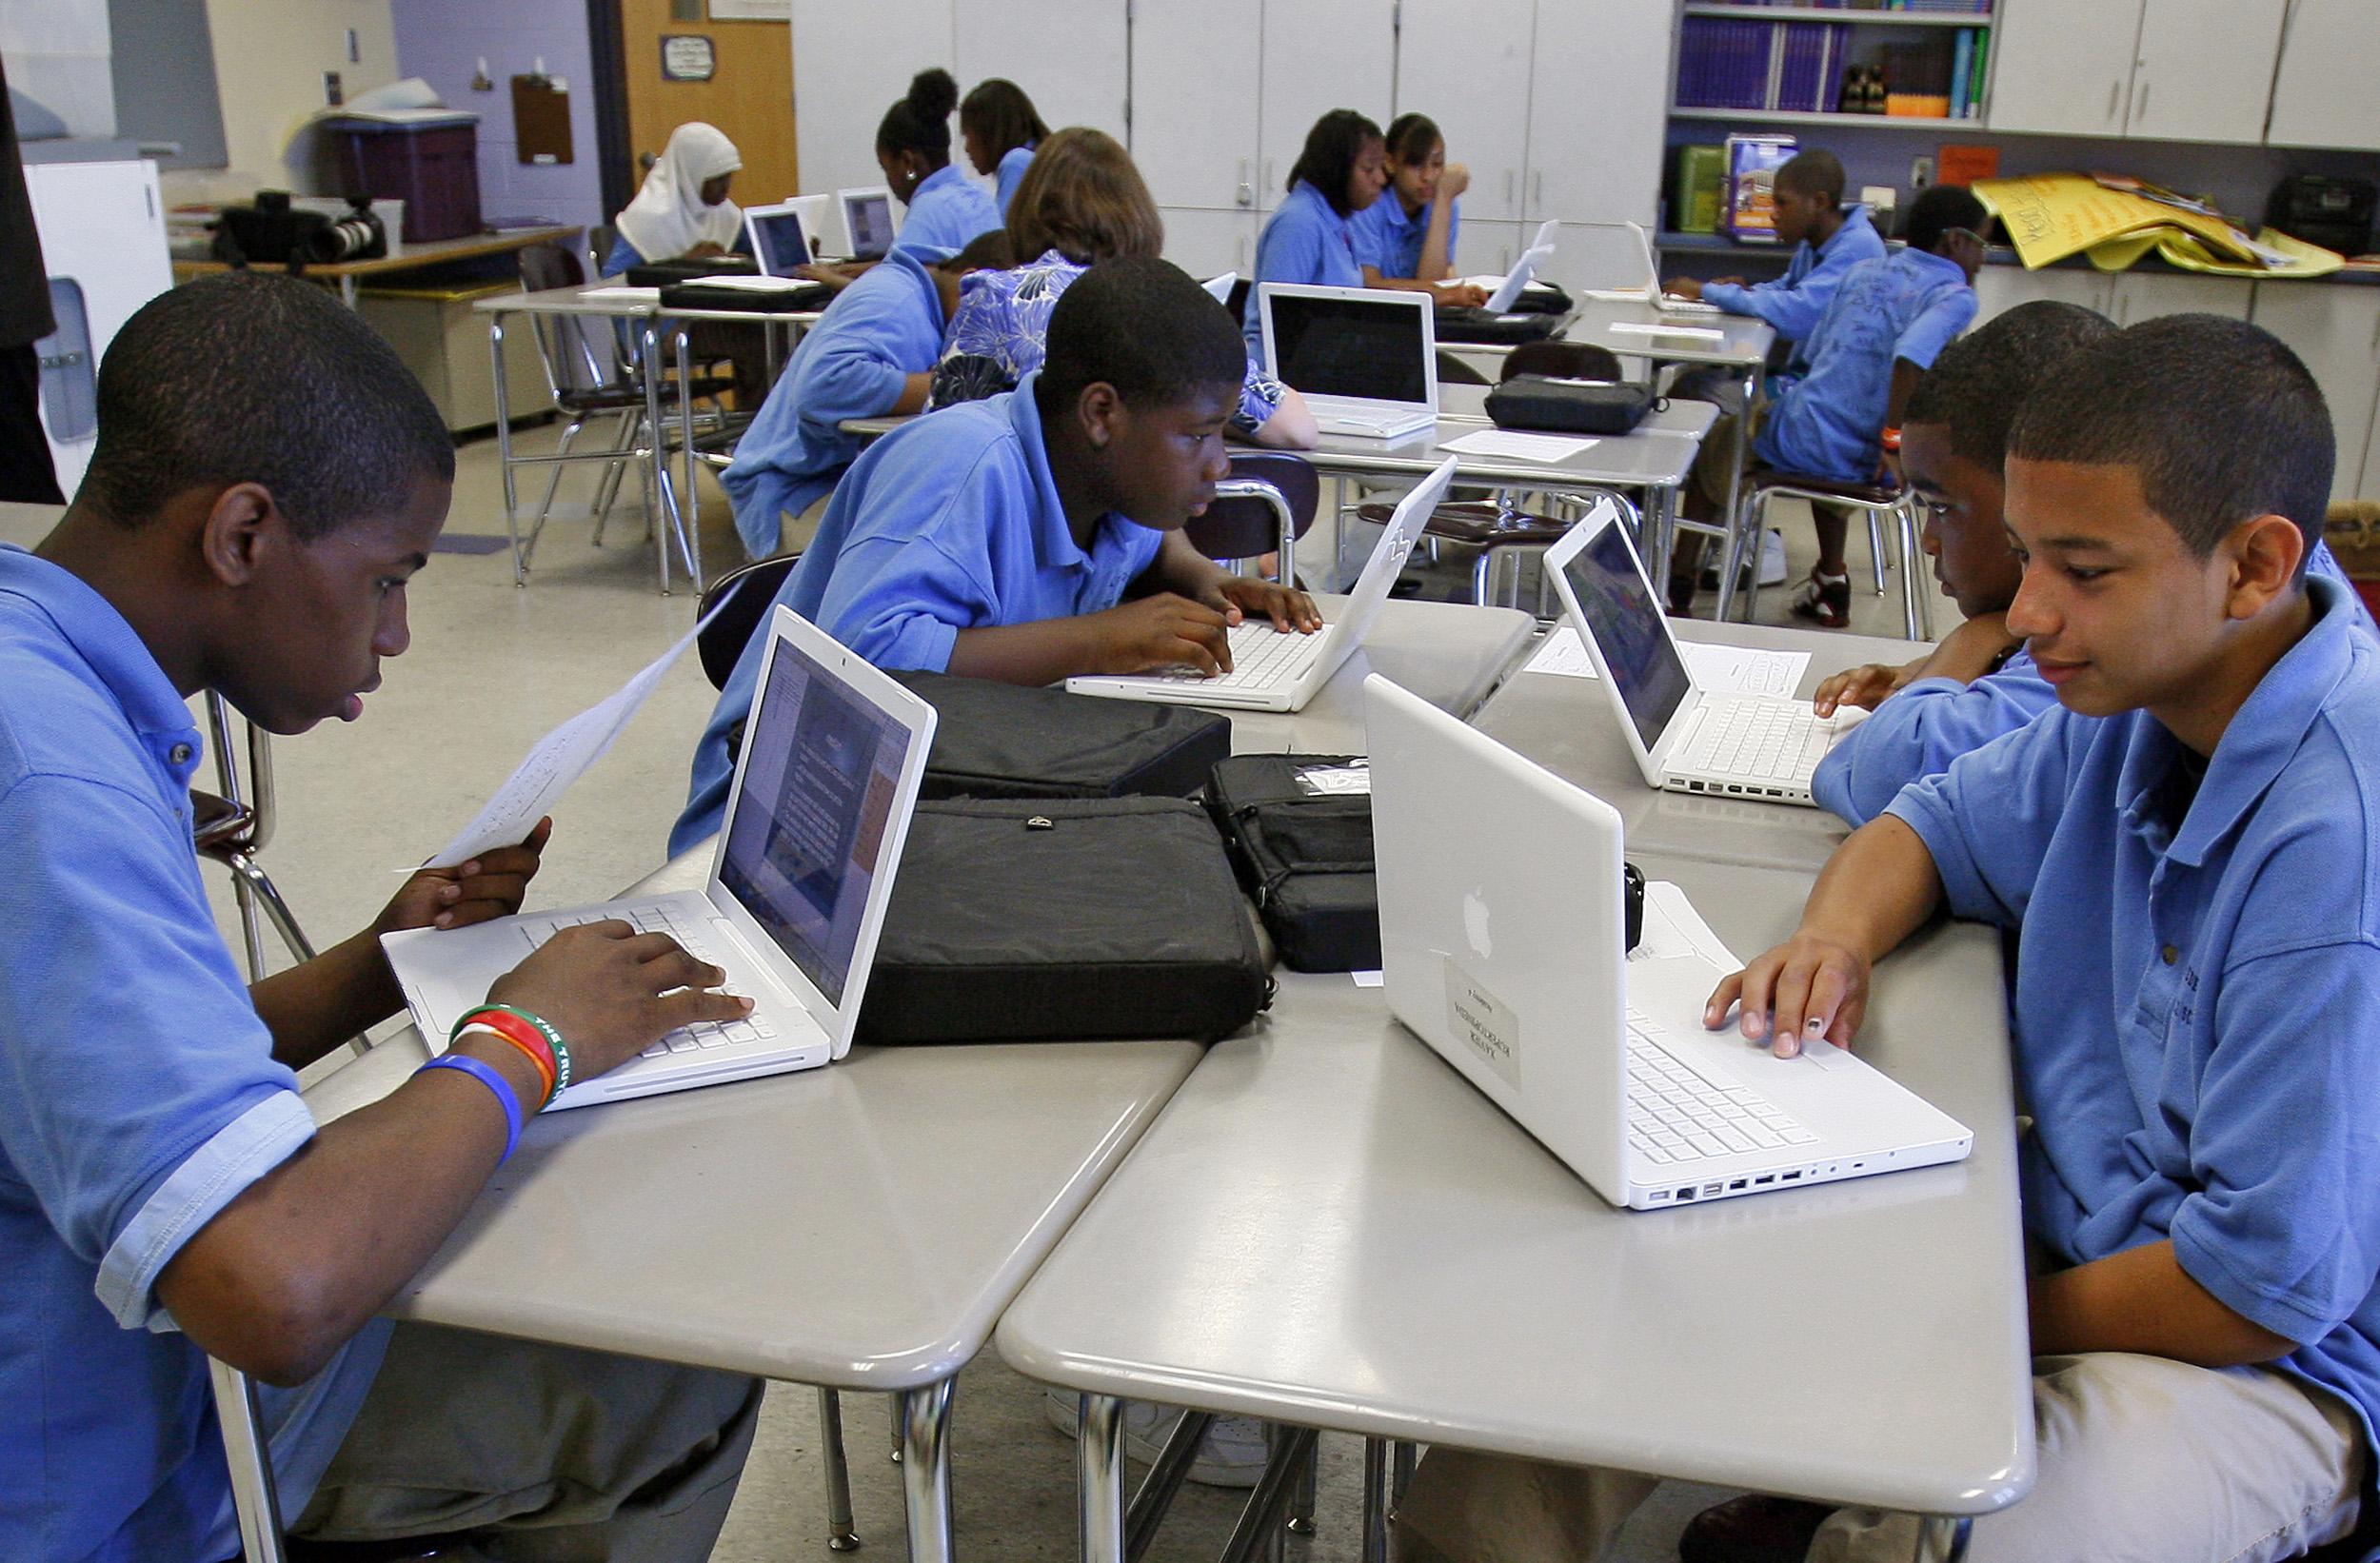 Choosing Between Teachers And Technology